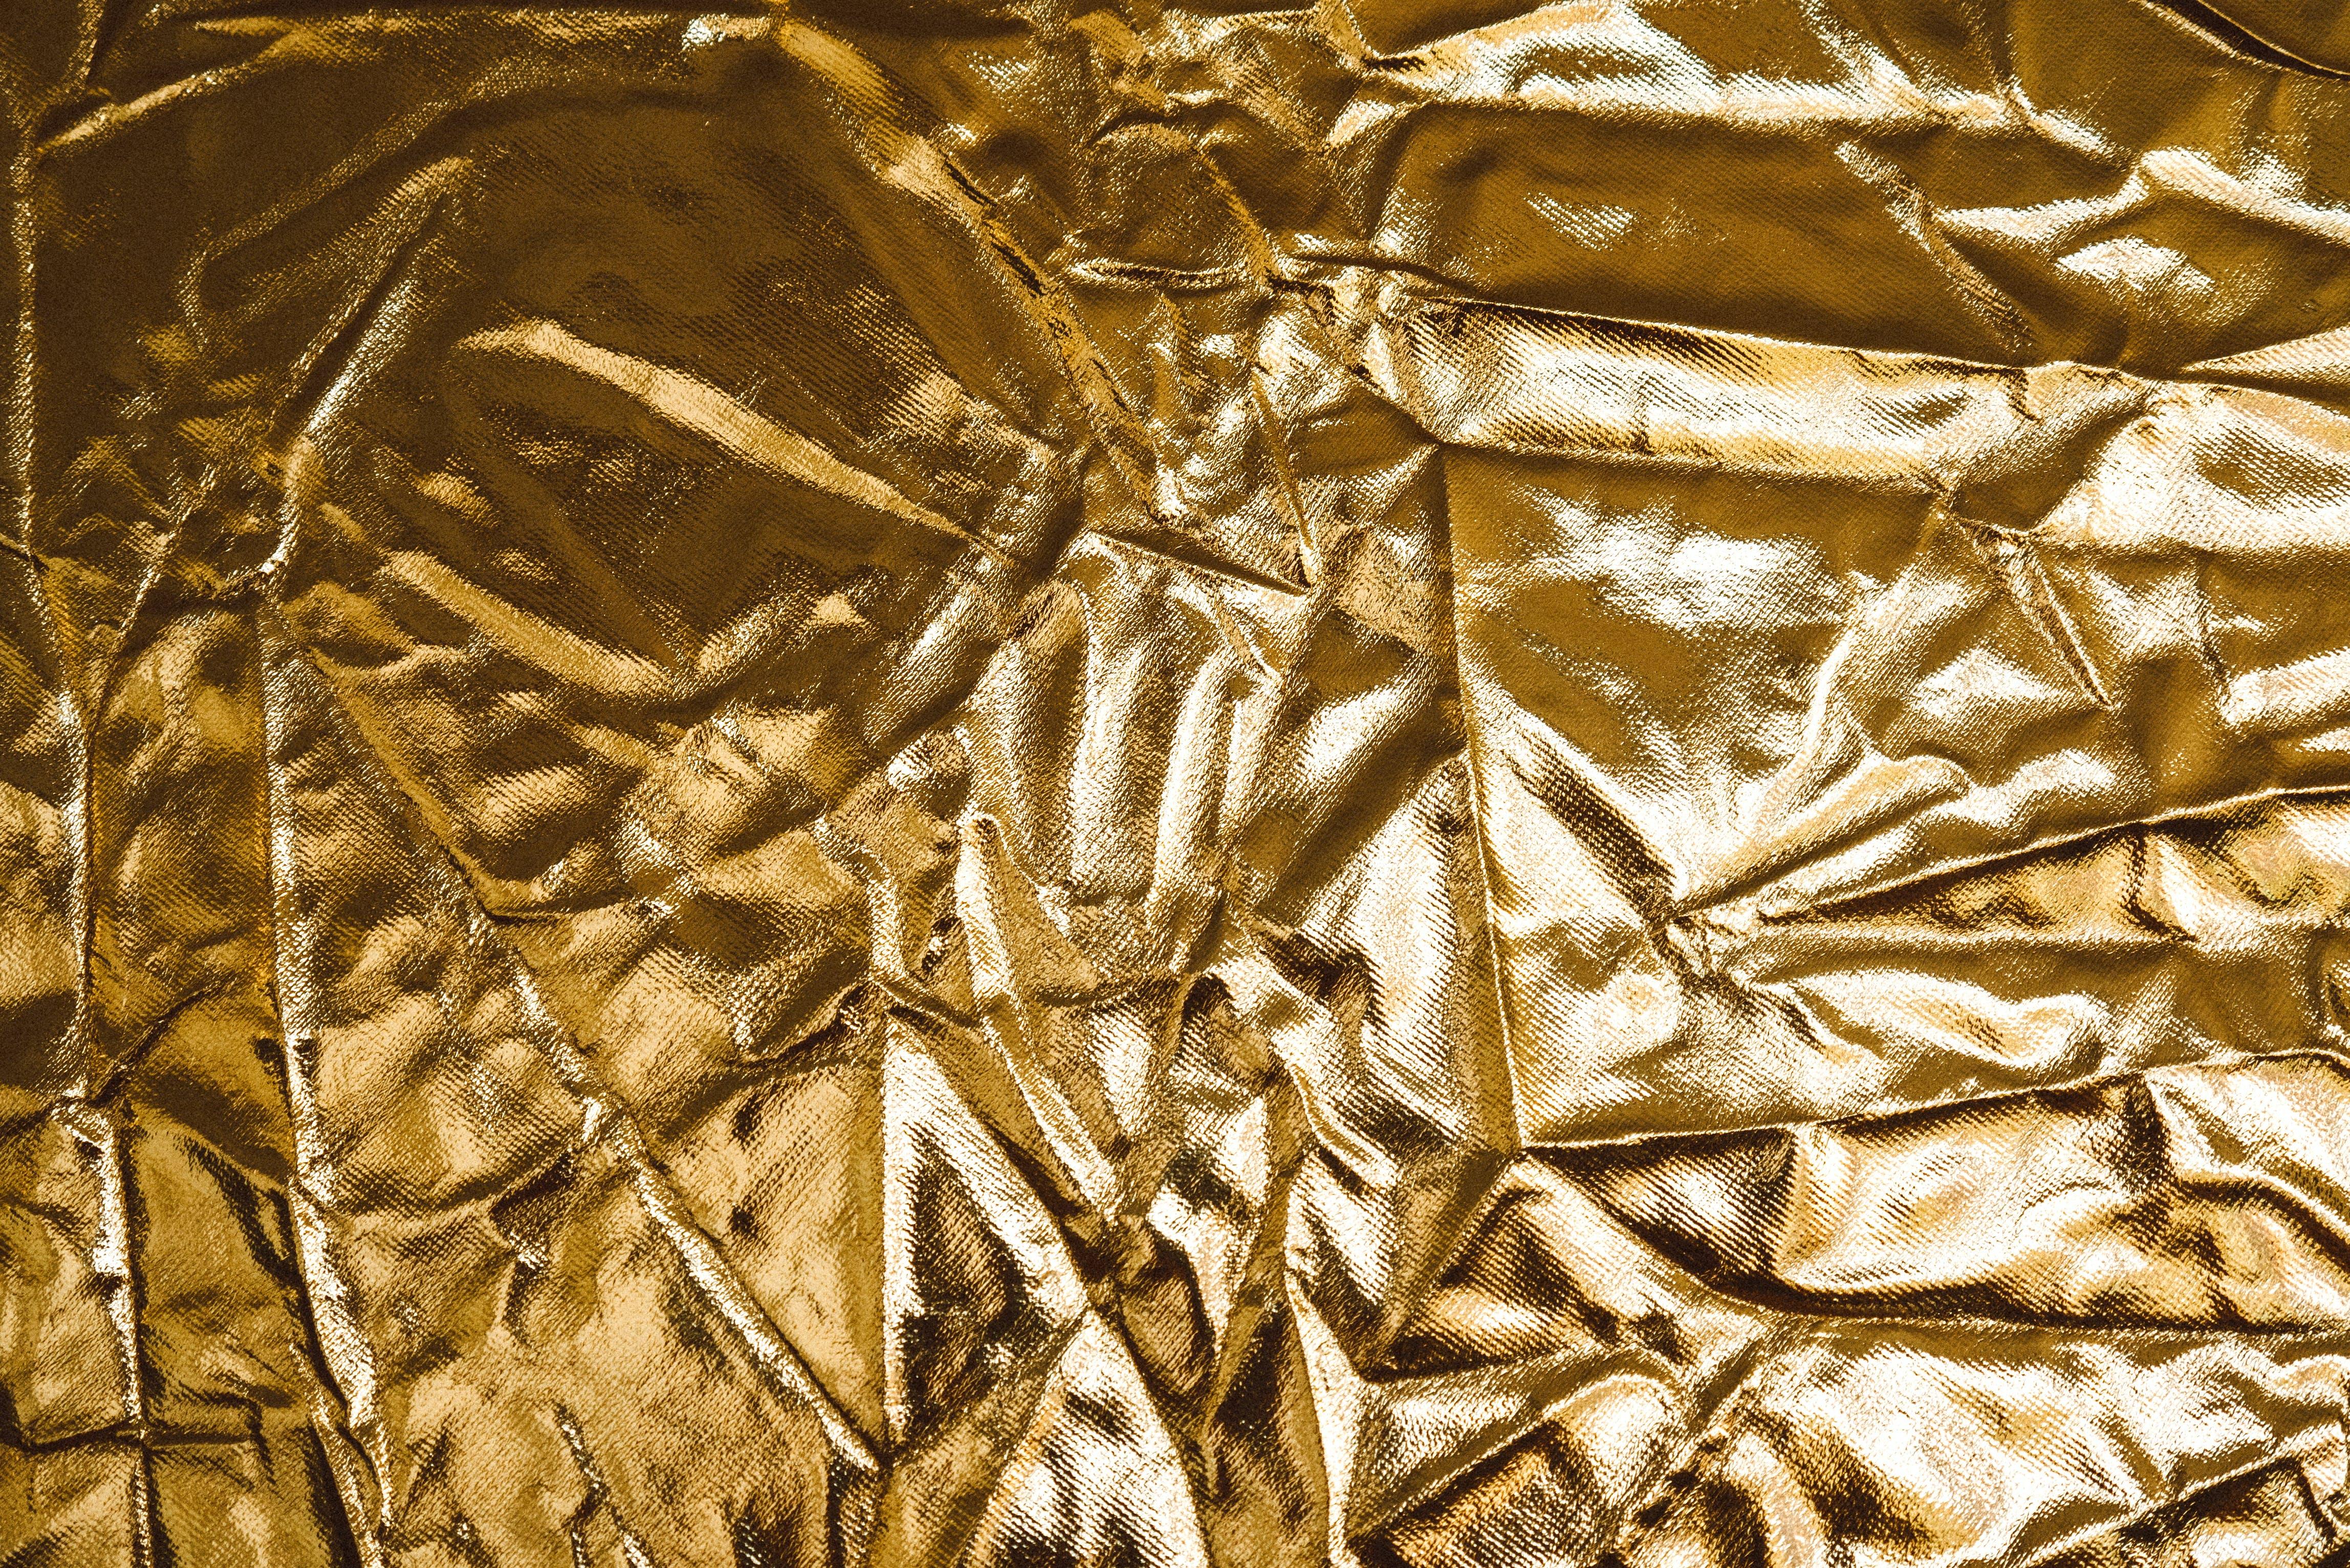 altın, arka fon, çarşaf, Desen içeren Ücretsiz stok fotoğraf